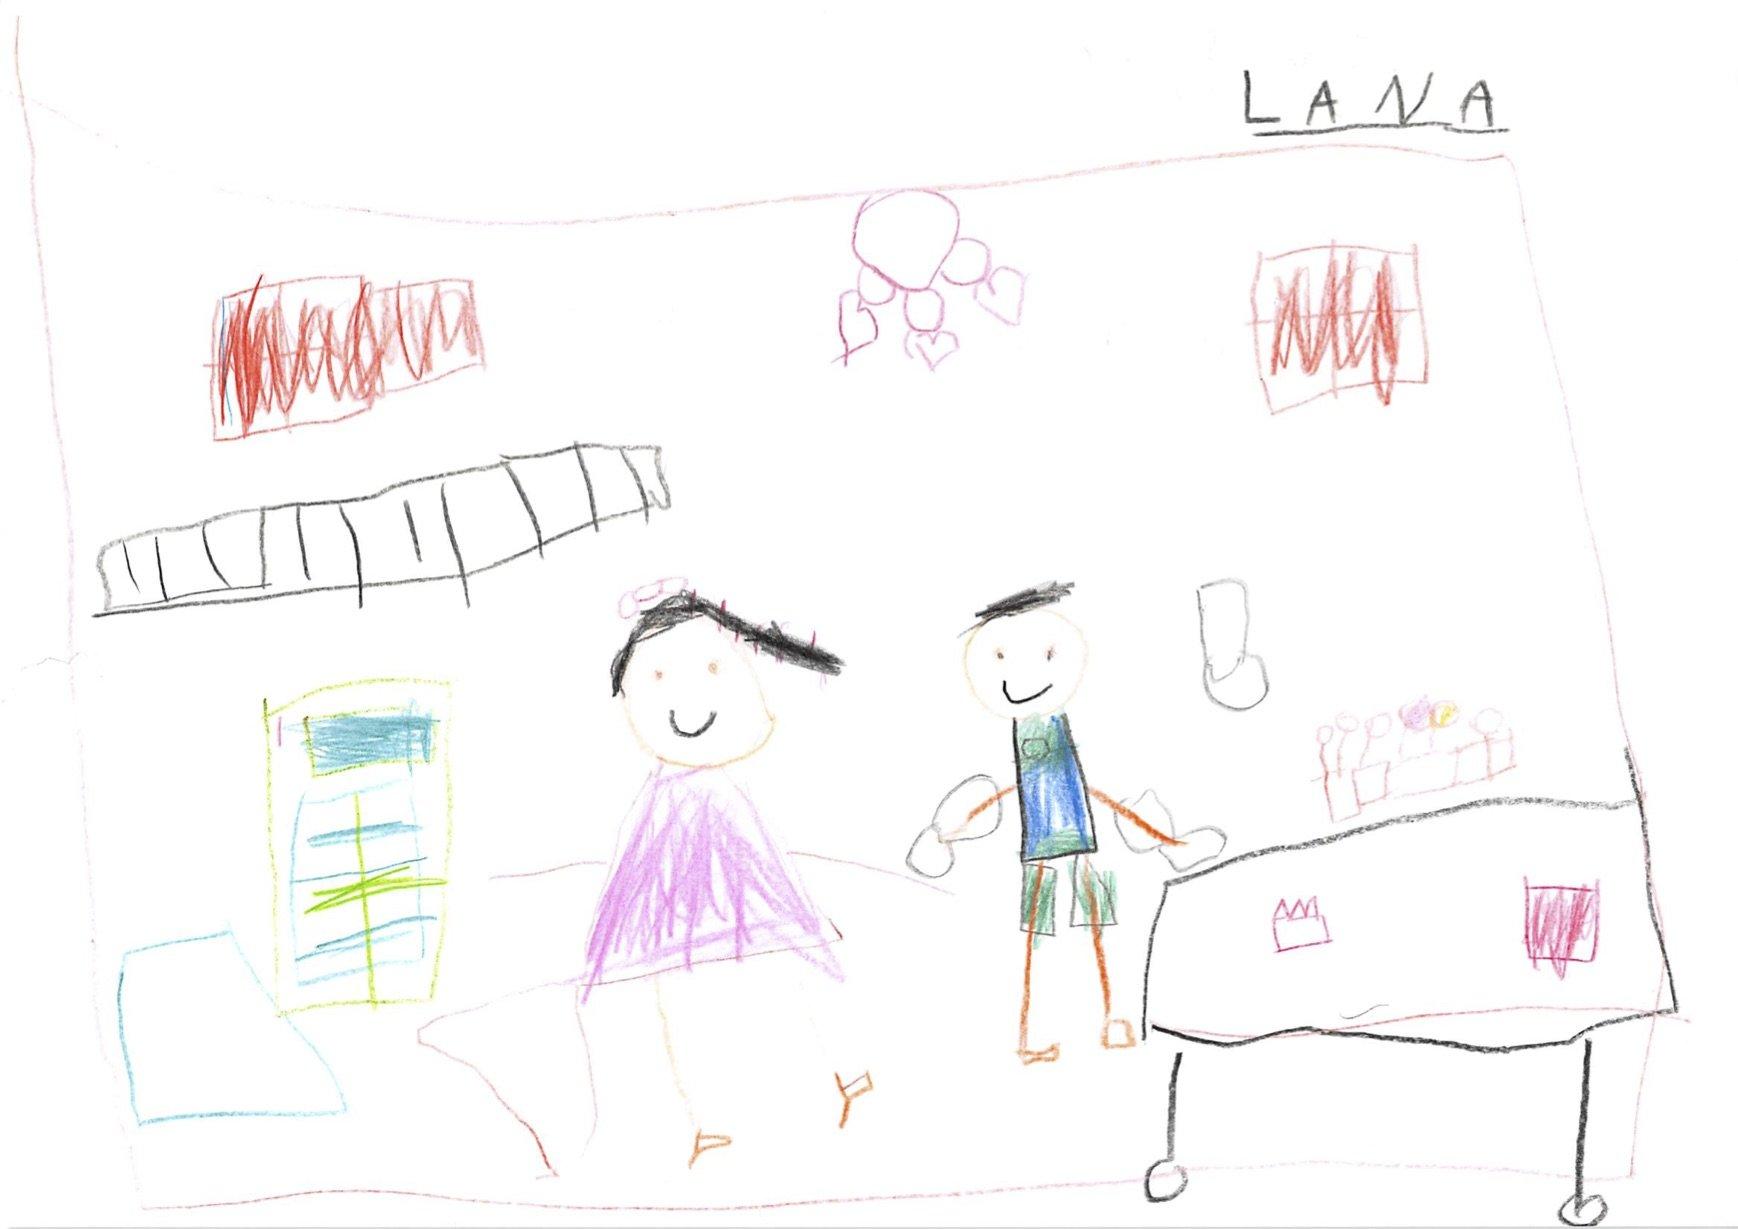 Lana 5